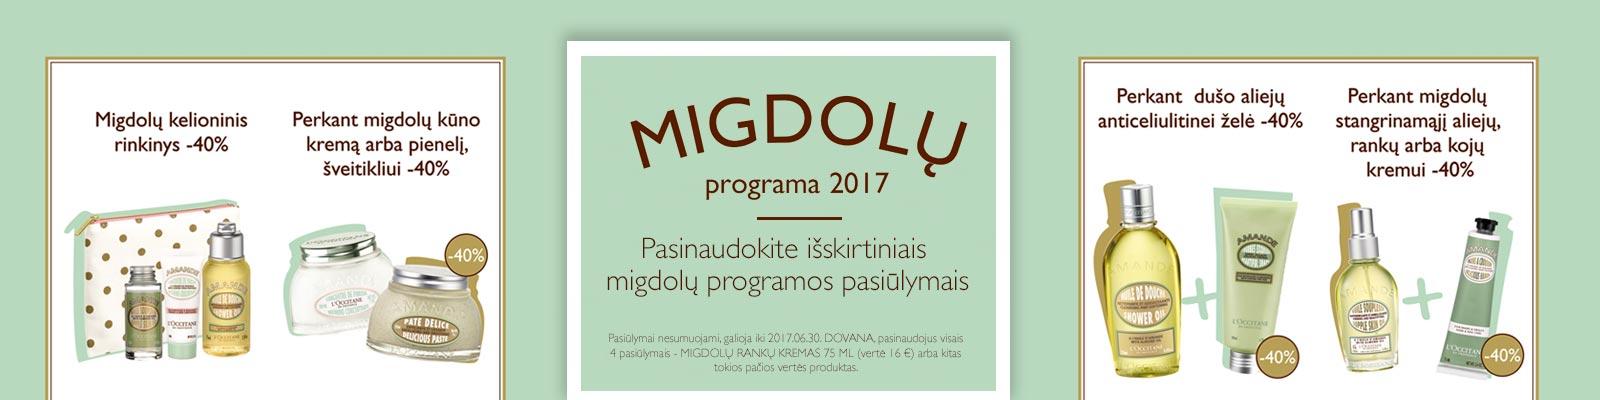 Migdolų programa 2017